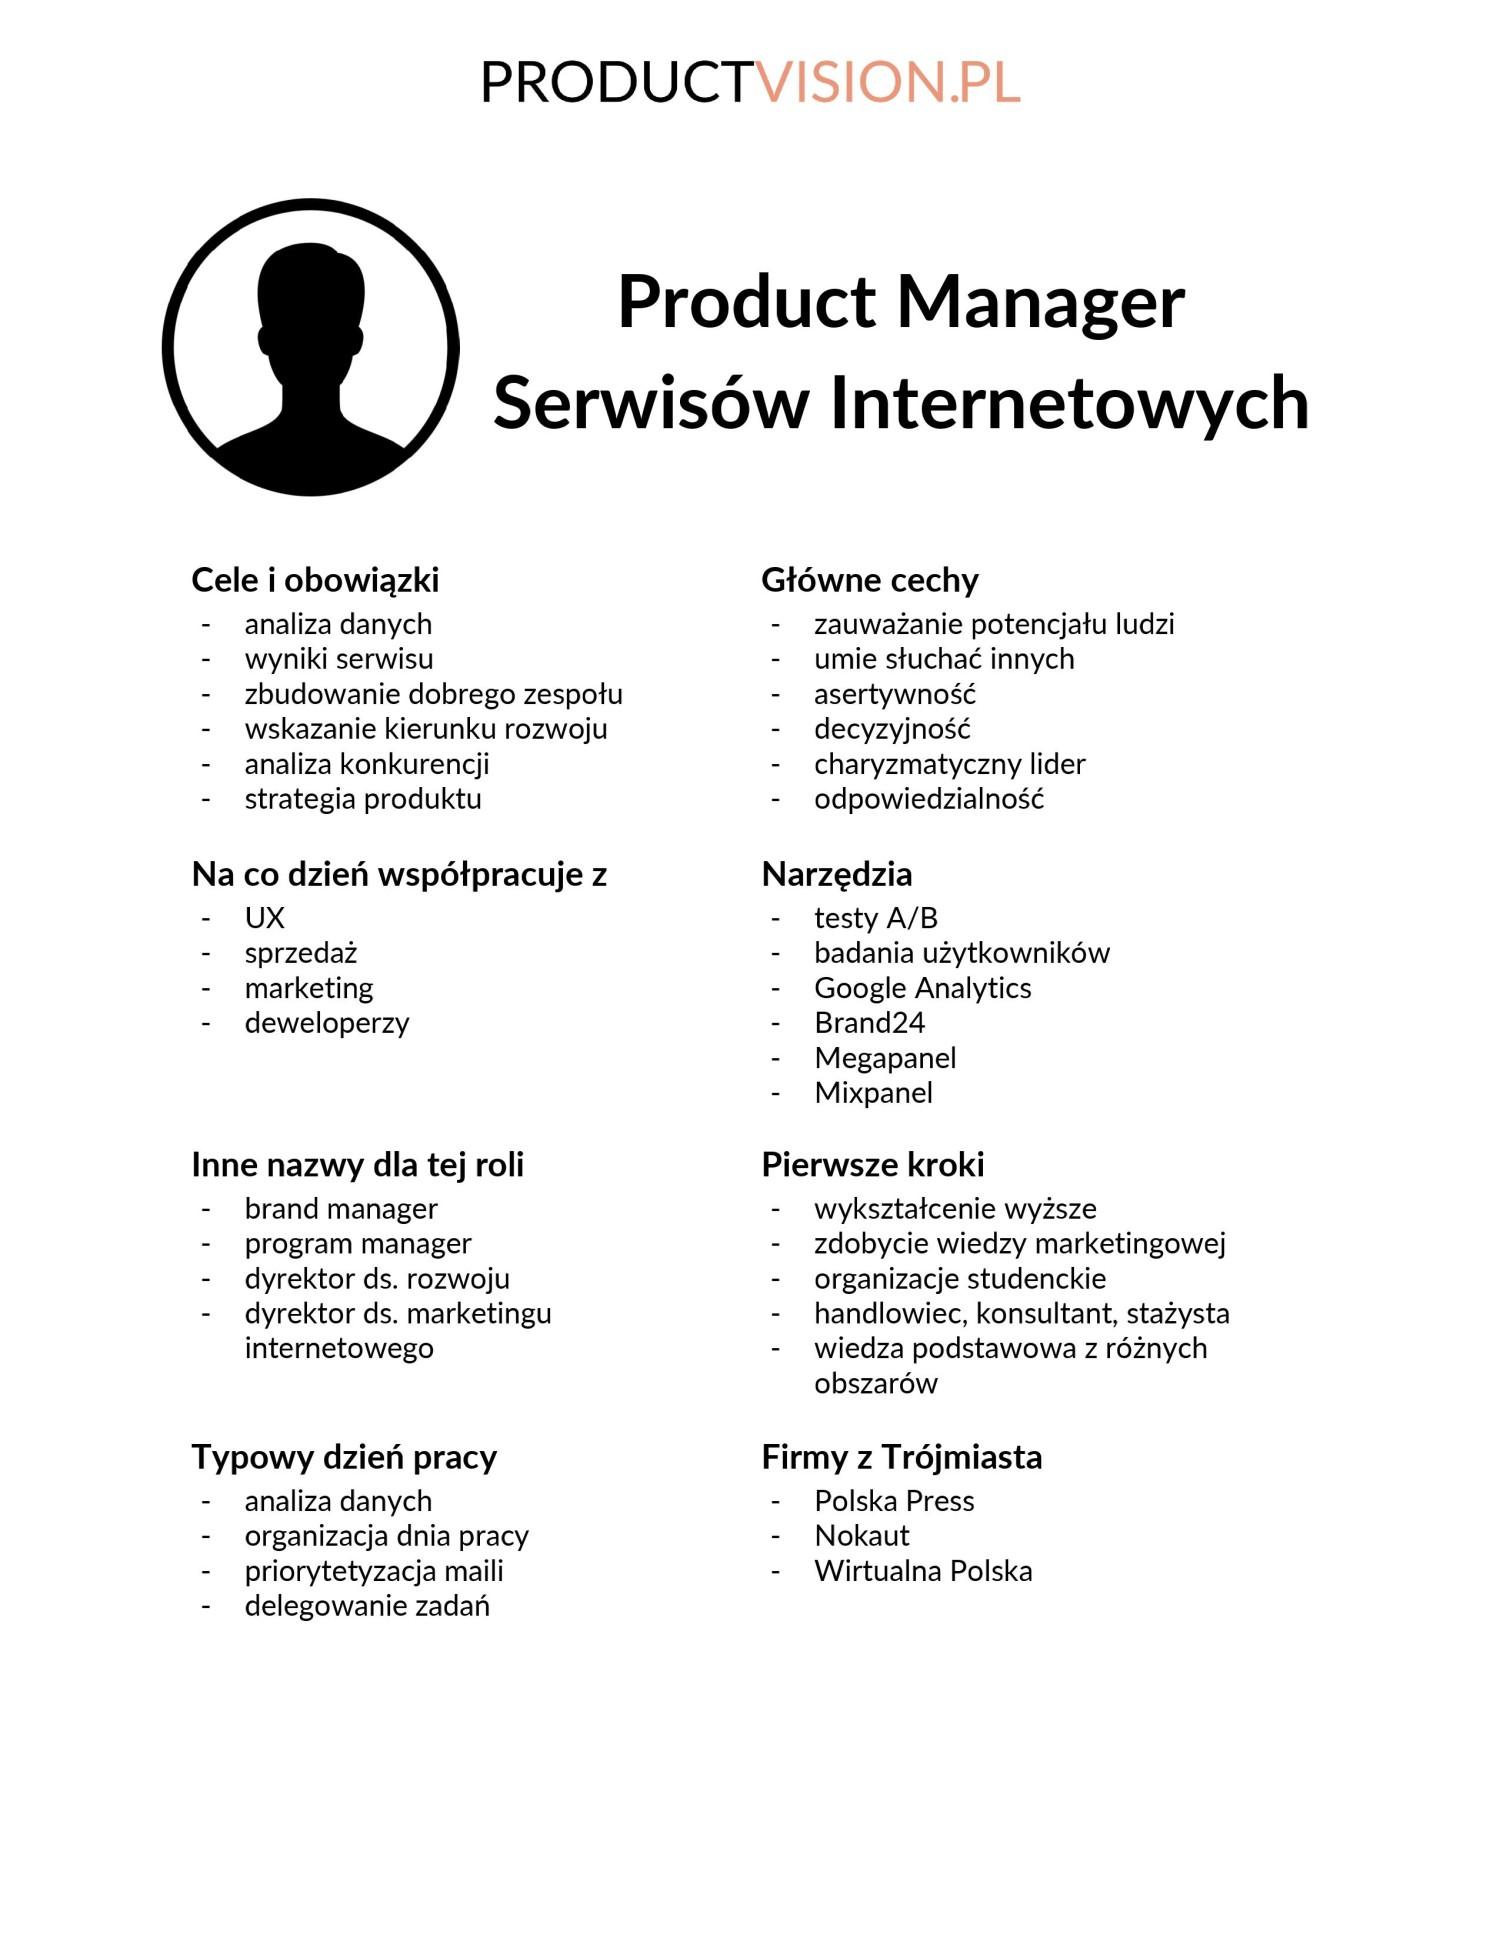 Product Manager Serwisów Internetowych